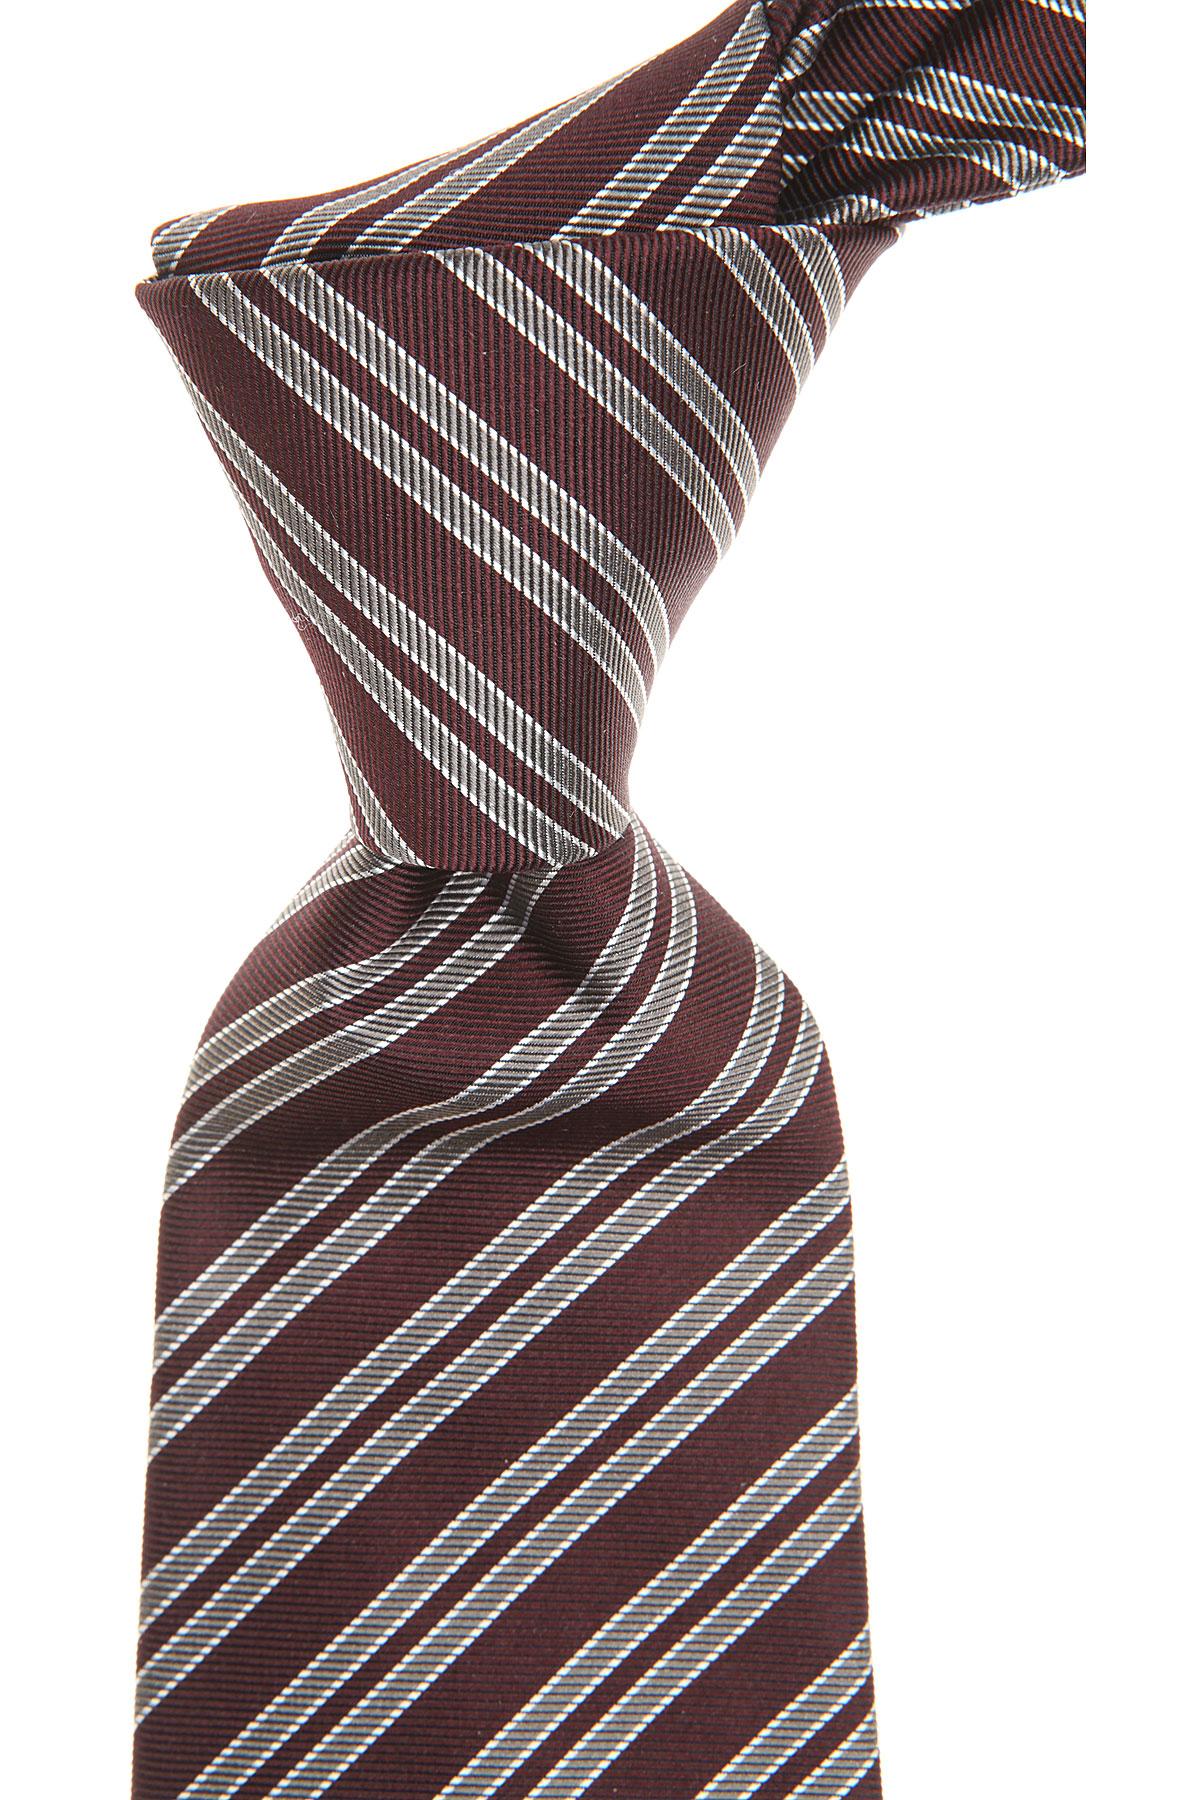 Christian Dior Cravates Pas cher en Soldes, Rouge sang de boeuf, Soie, 2021